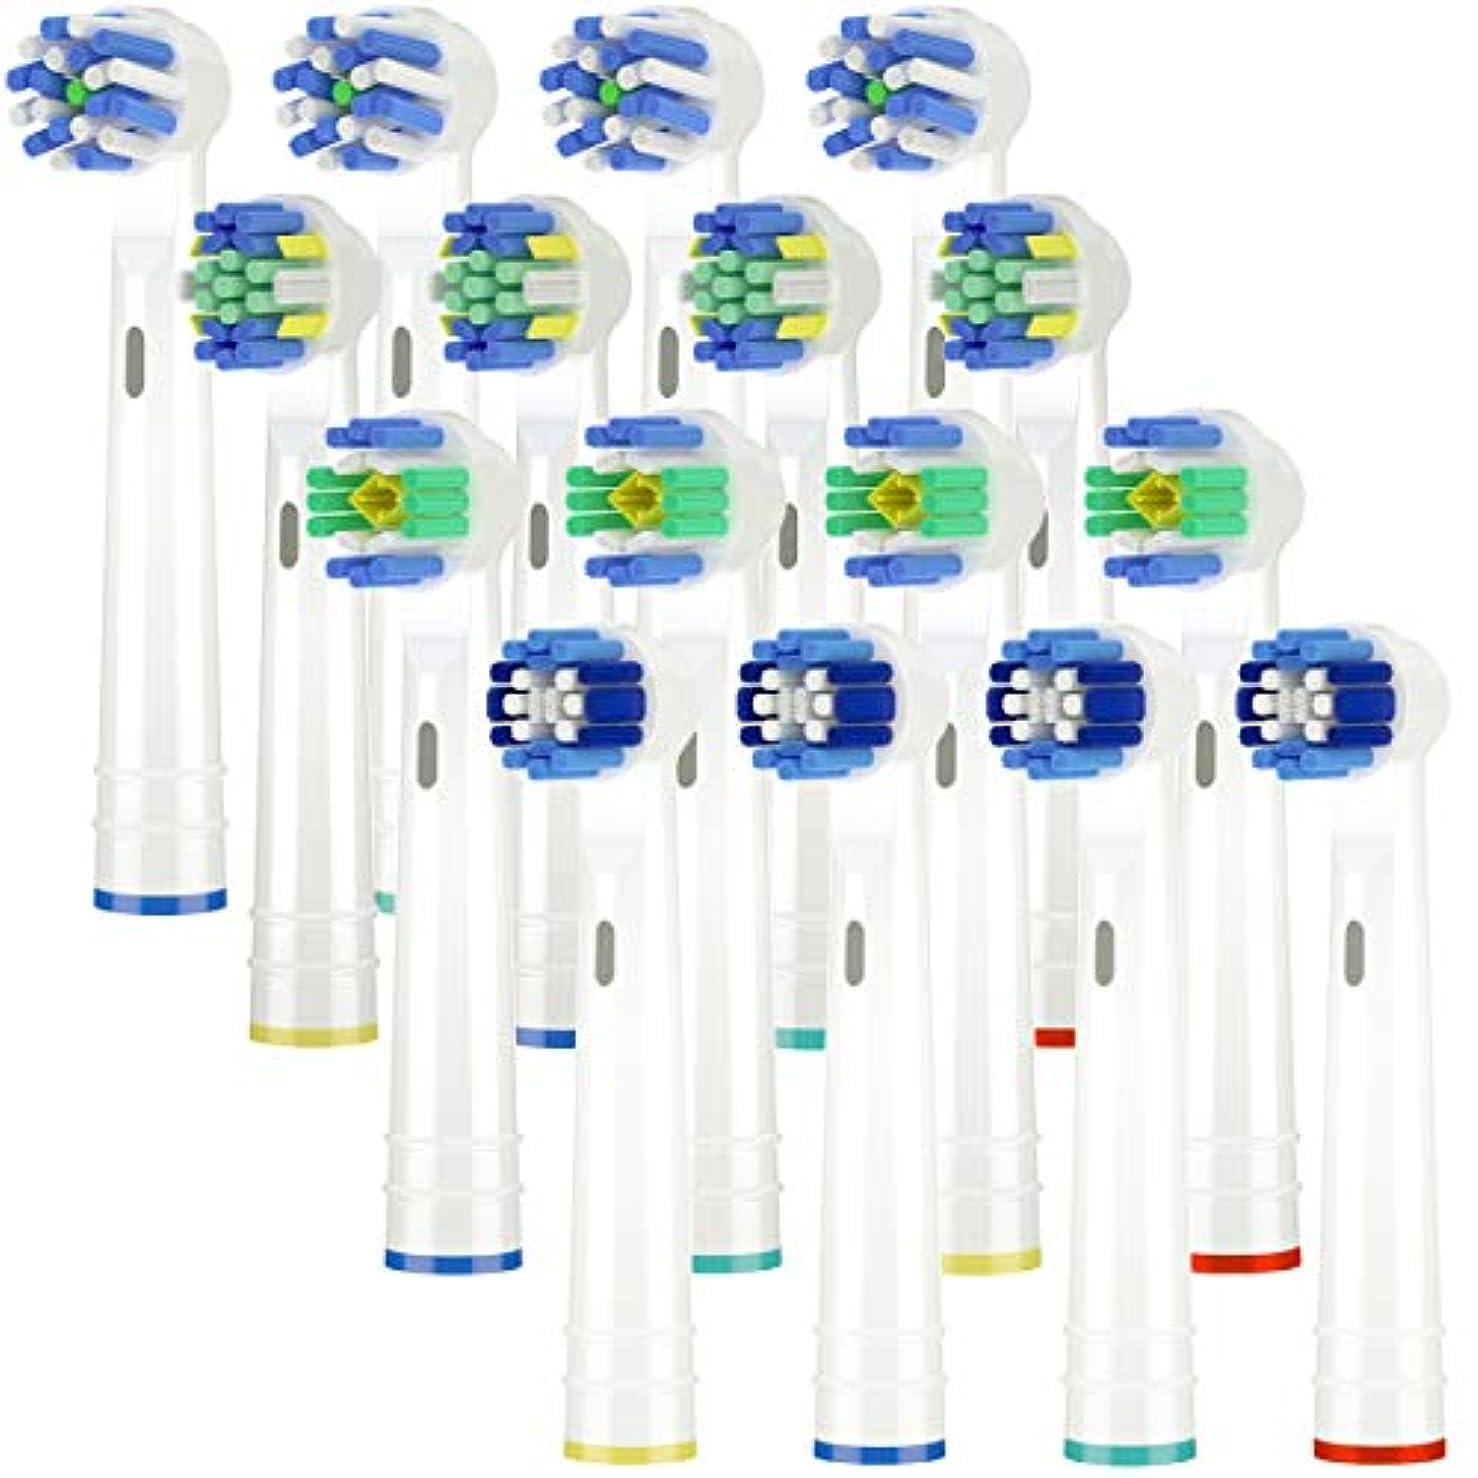 エンコミウム電話する境界Itechnik 電動歯ブラシ 替えブラシ ブラウン オーラルB 対応 替えブラシ 4種類が入り:ホワイトニングブラシ 、ベーシックブラシ、歯間ワイパー付きブラシ、マルチアクションブラシ 凡用な16本